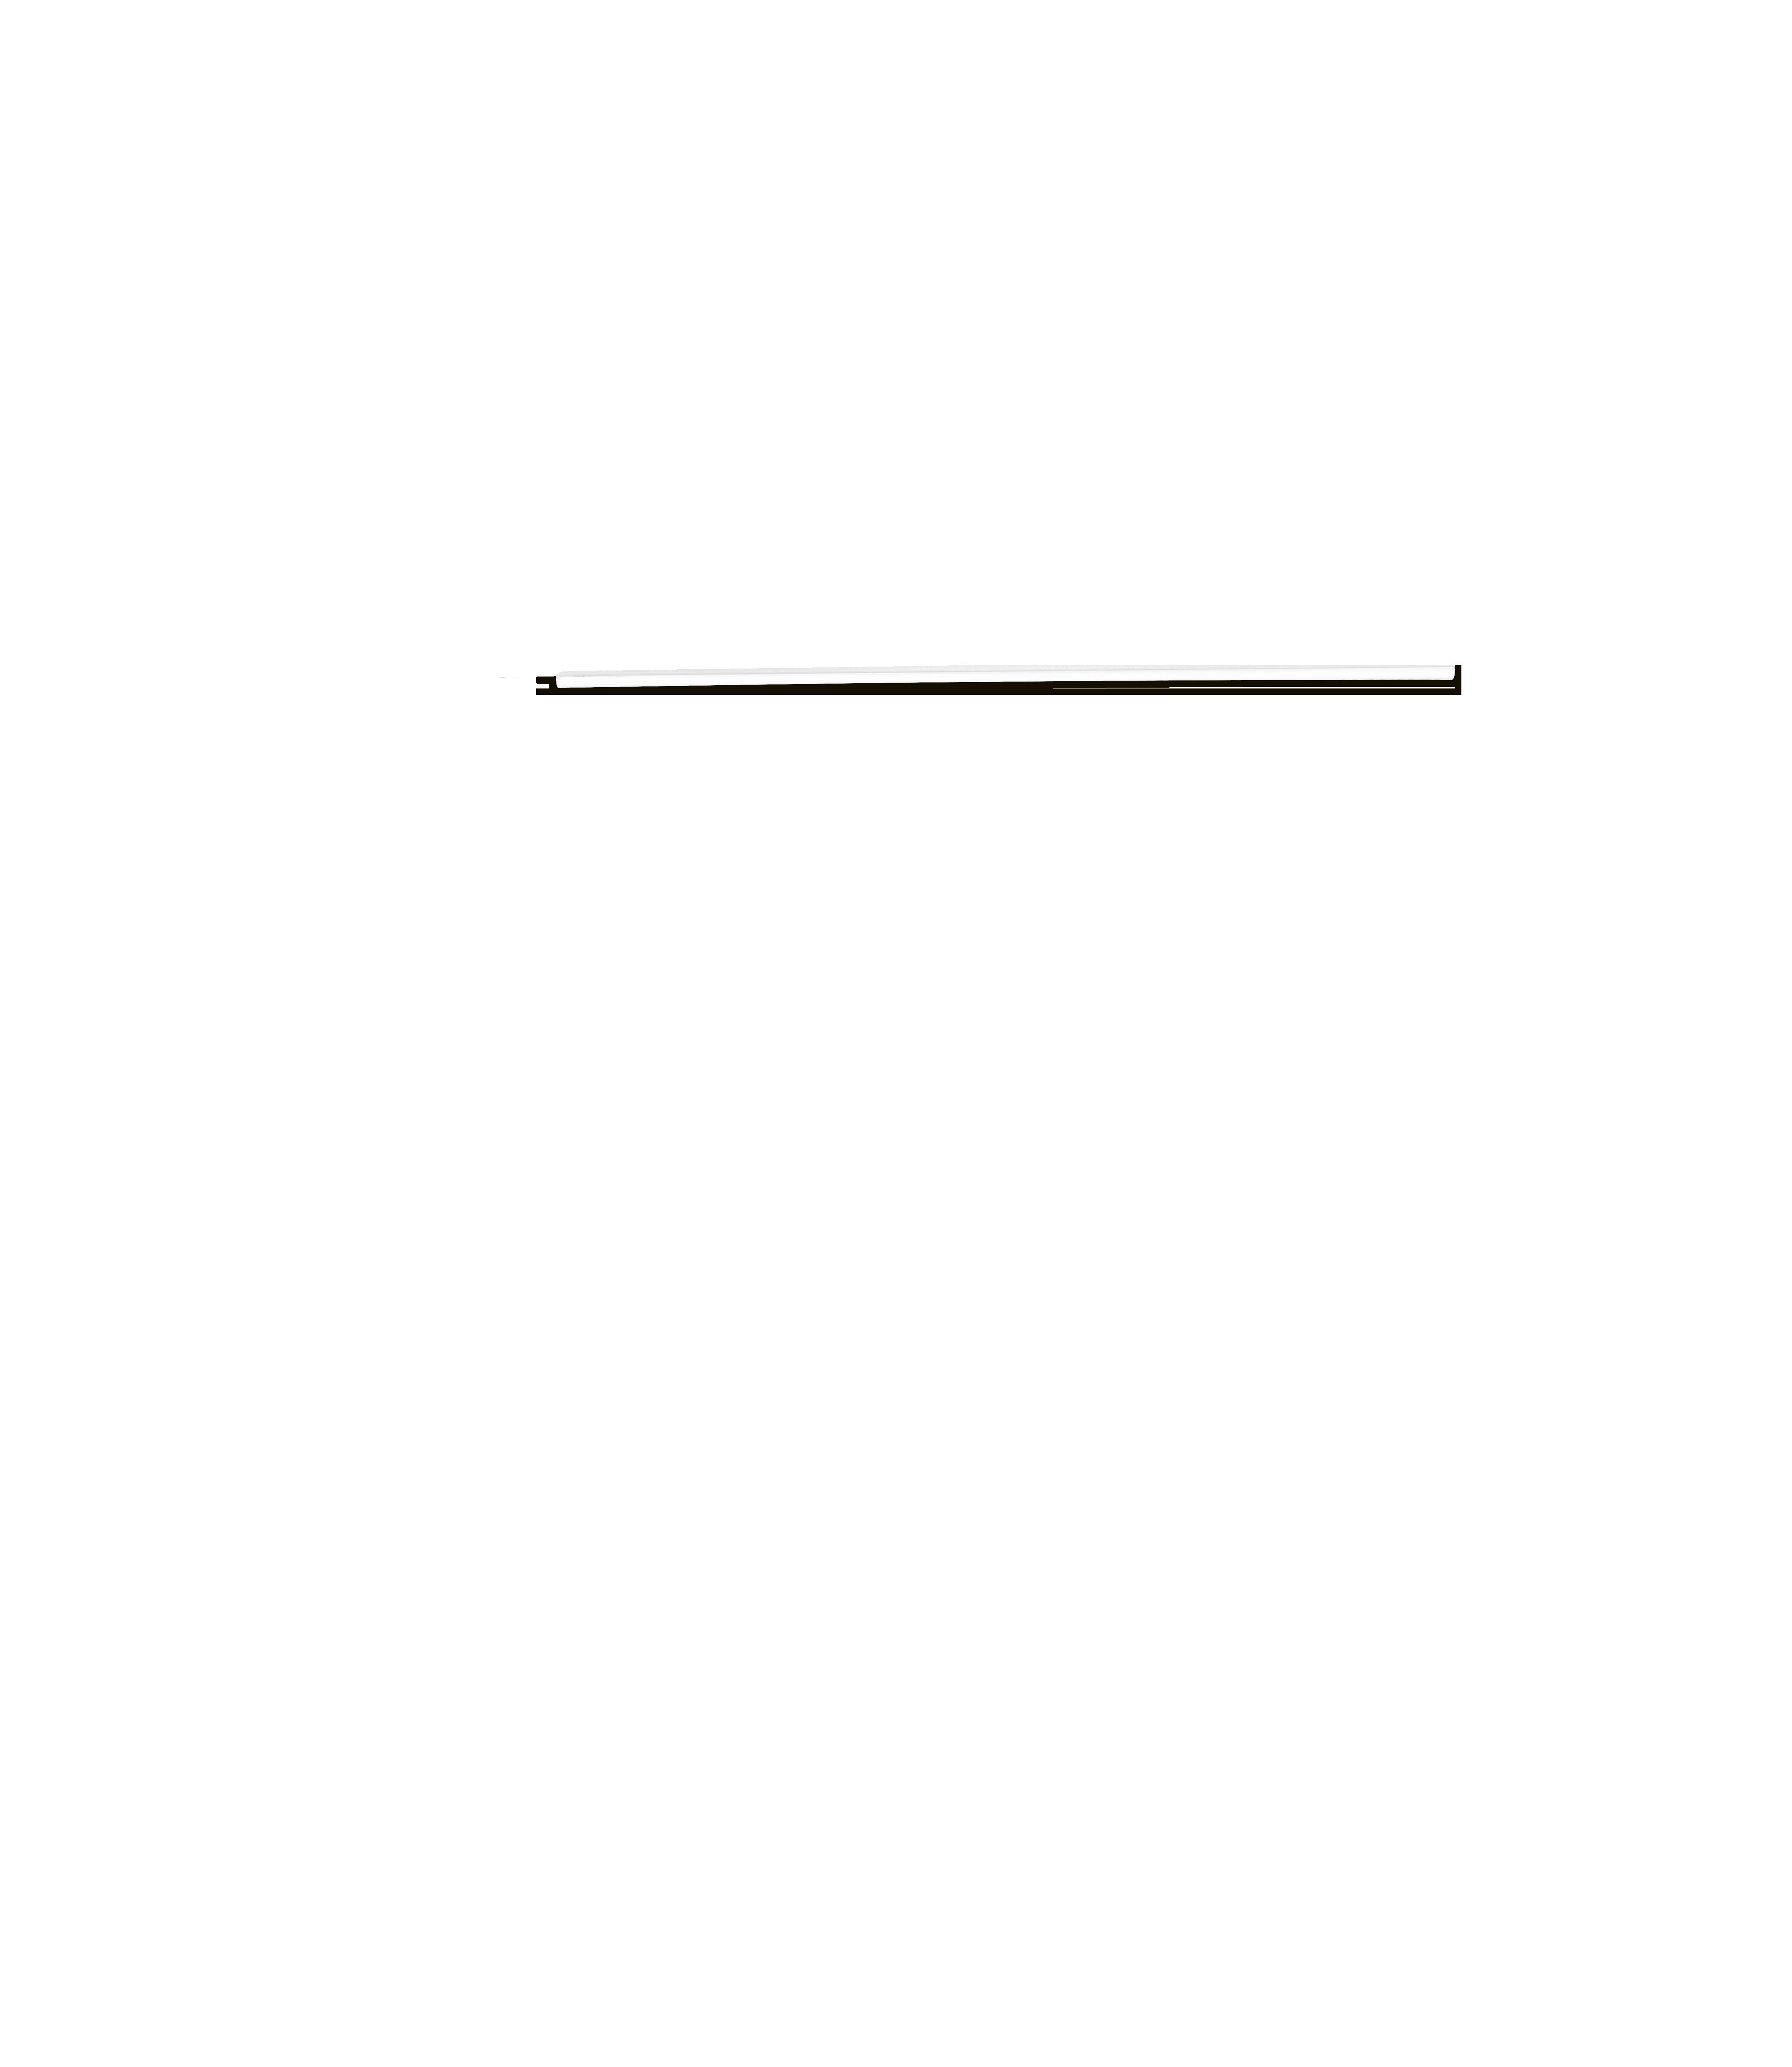 גוף תאורה תחתון